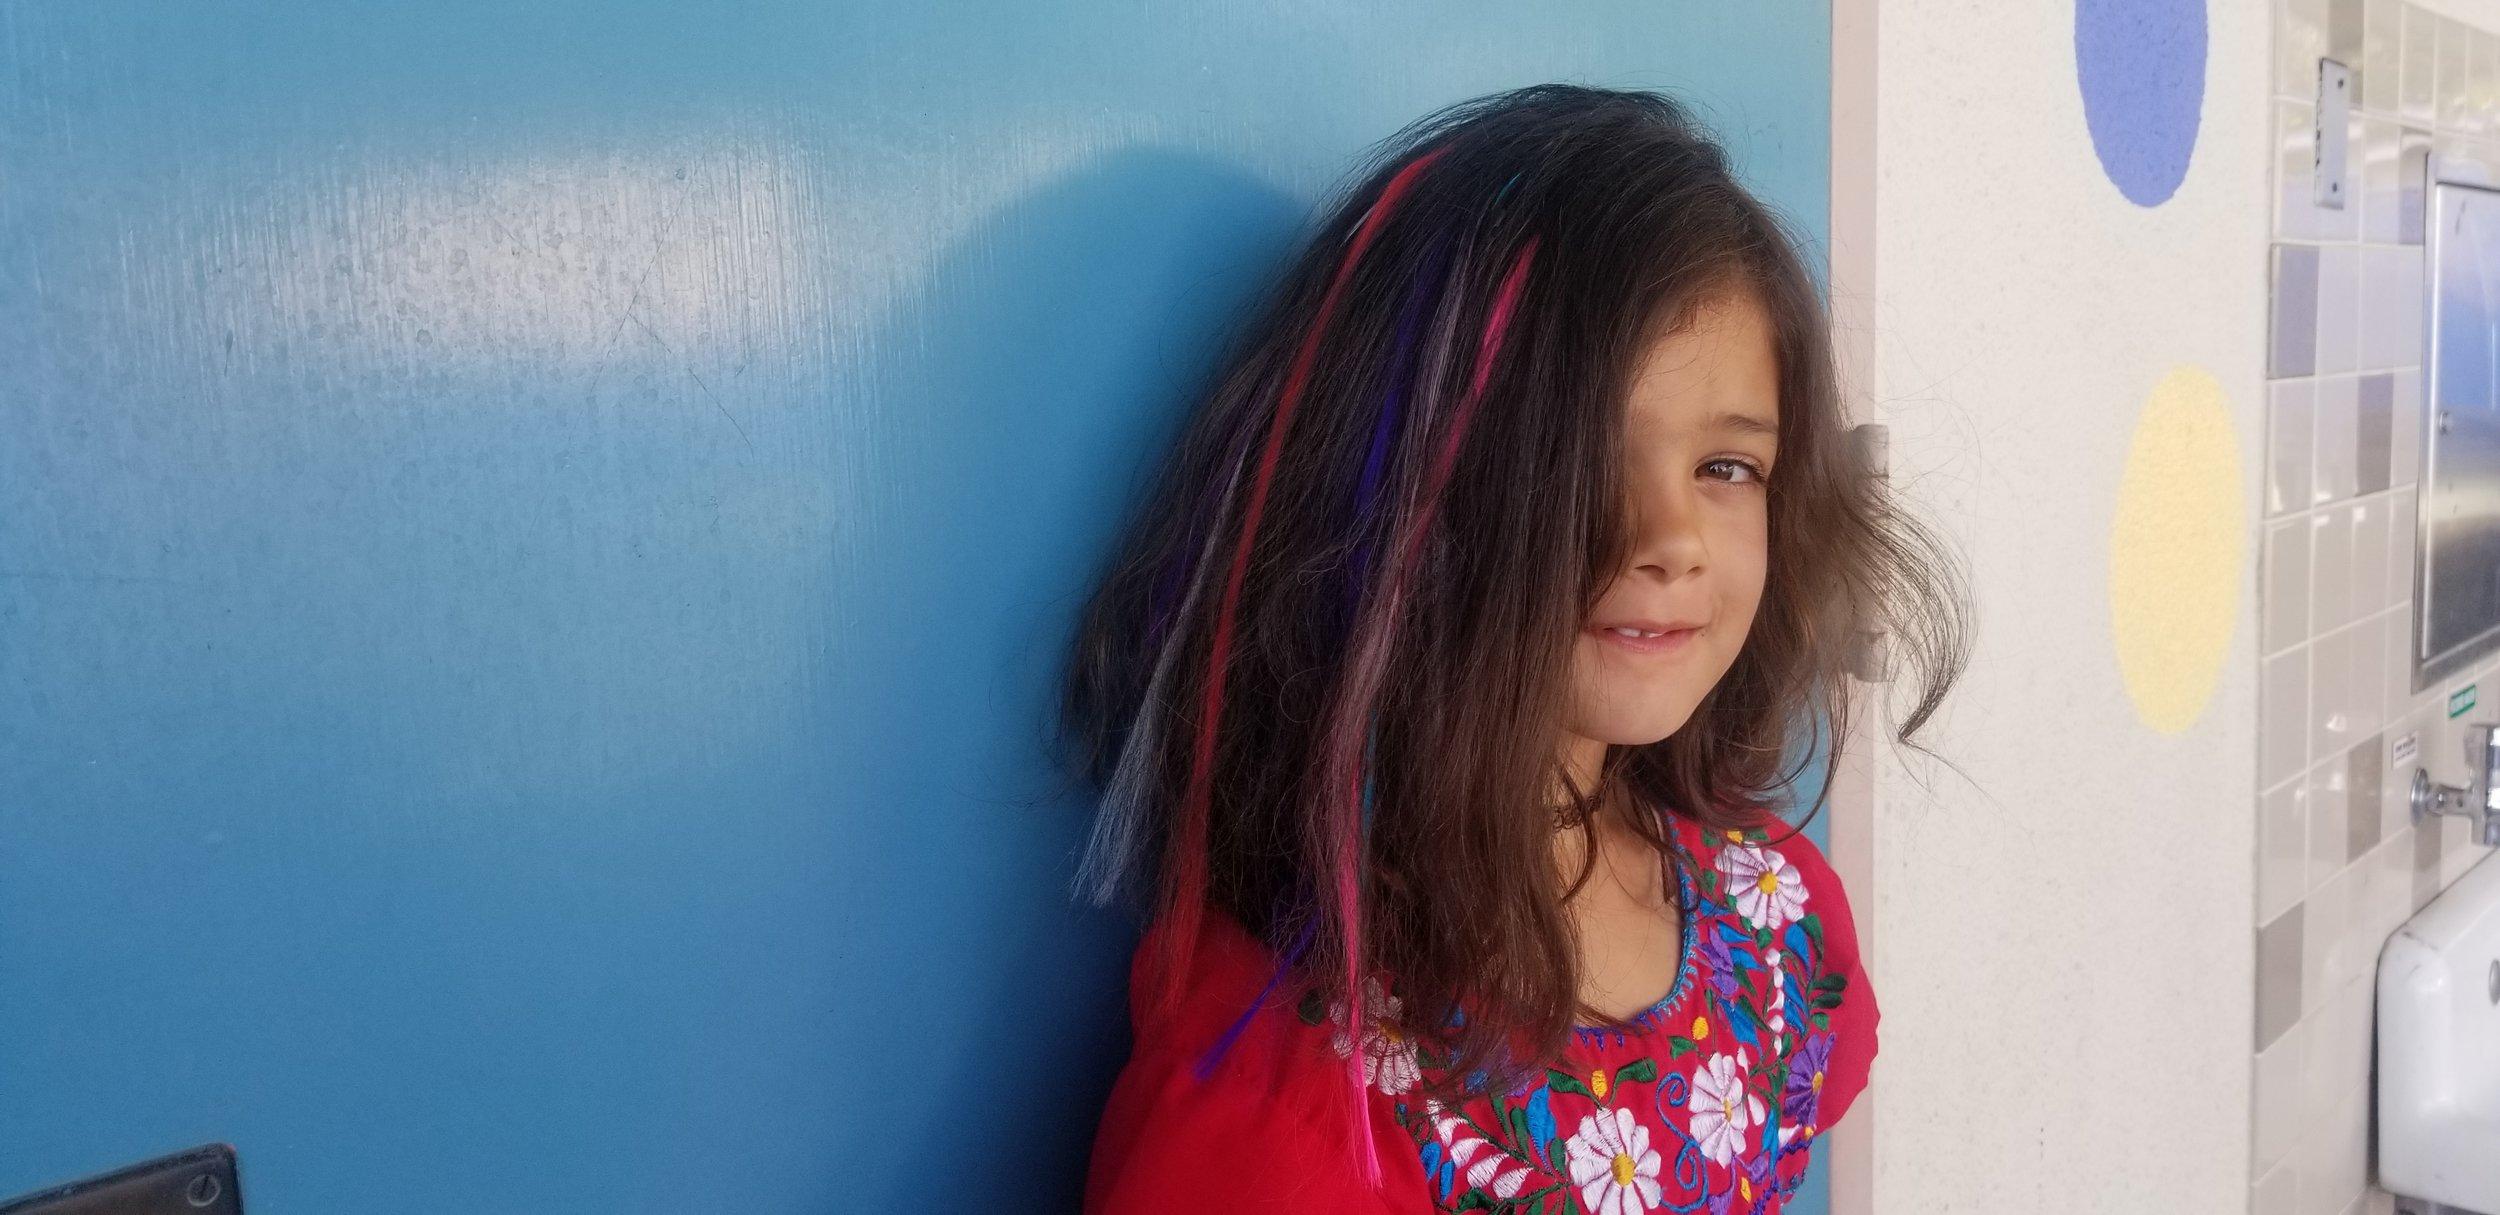 Aanjali Hair.jpg